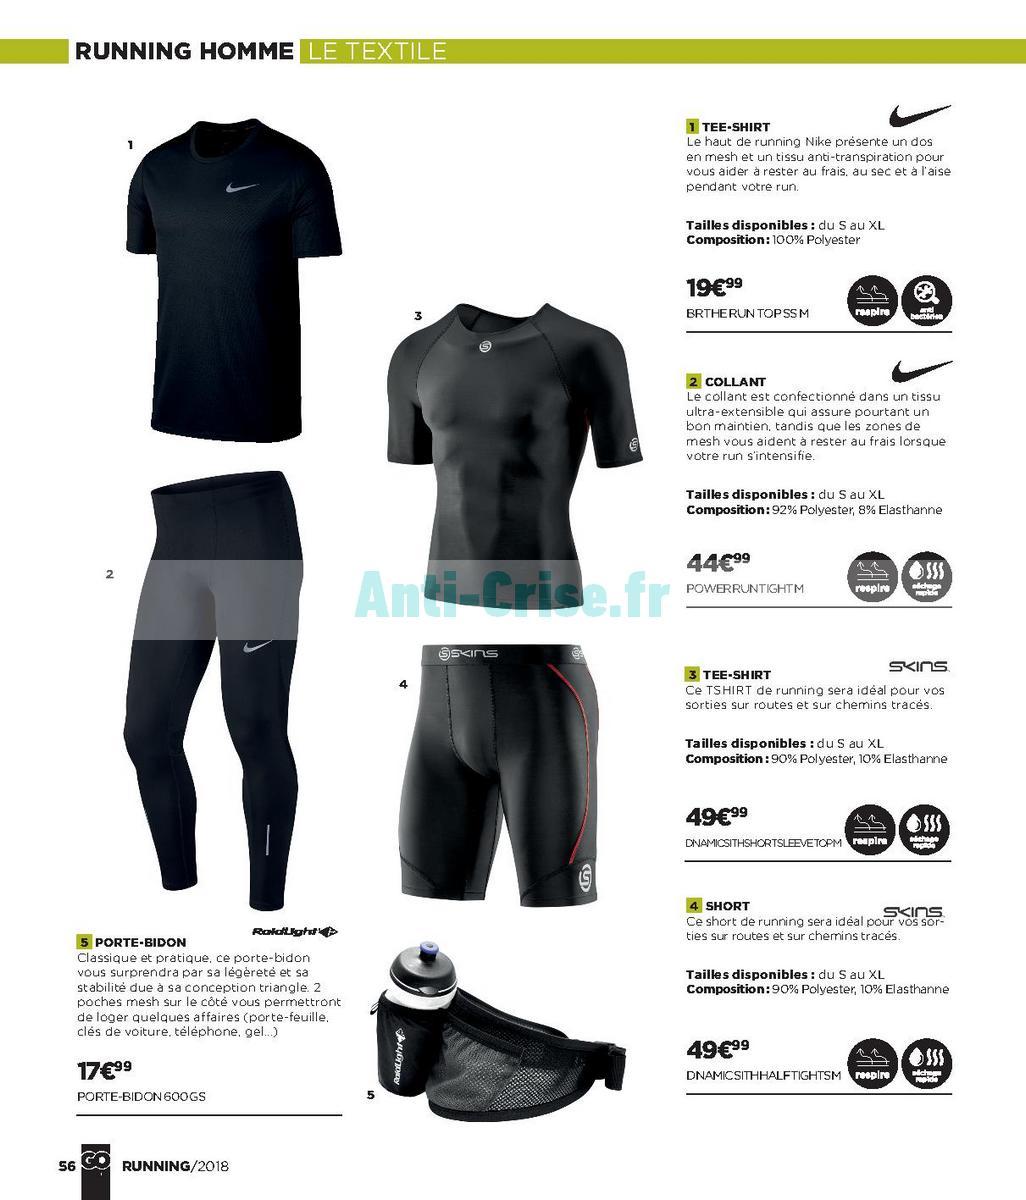 septembre2018 Catalogue Go Sport du 28 avril au 21 septembre 2018 (Running) (56)